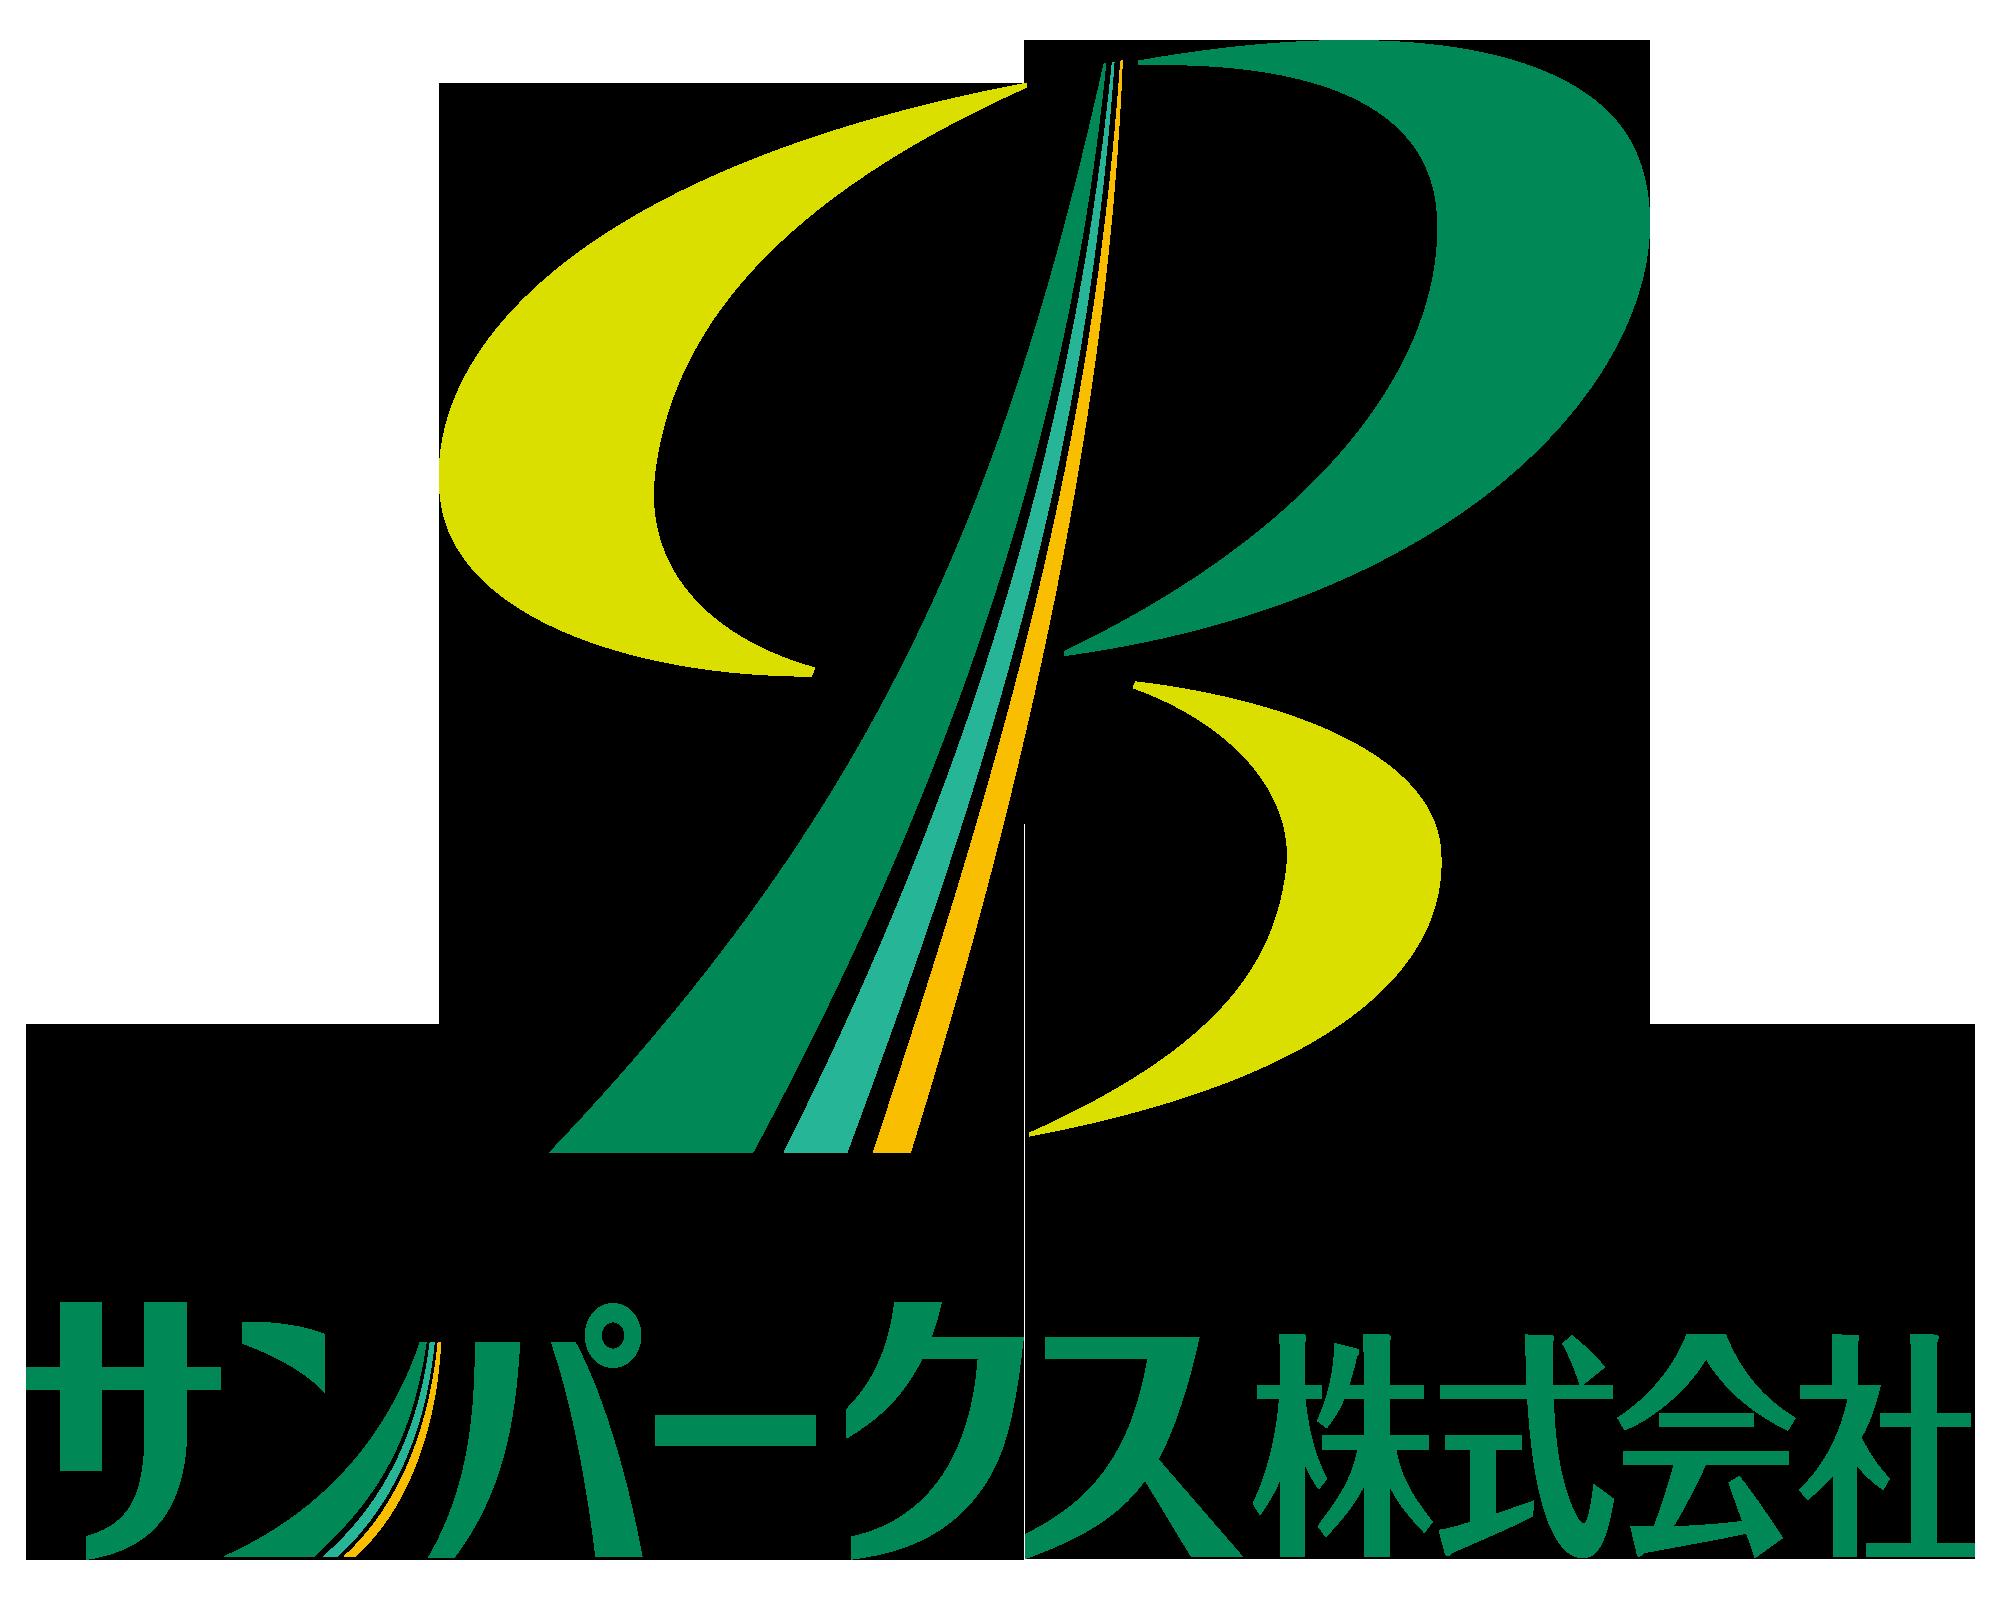 病院/クリニック/治療院/薬局とイニシャルと緑のロゴ